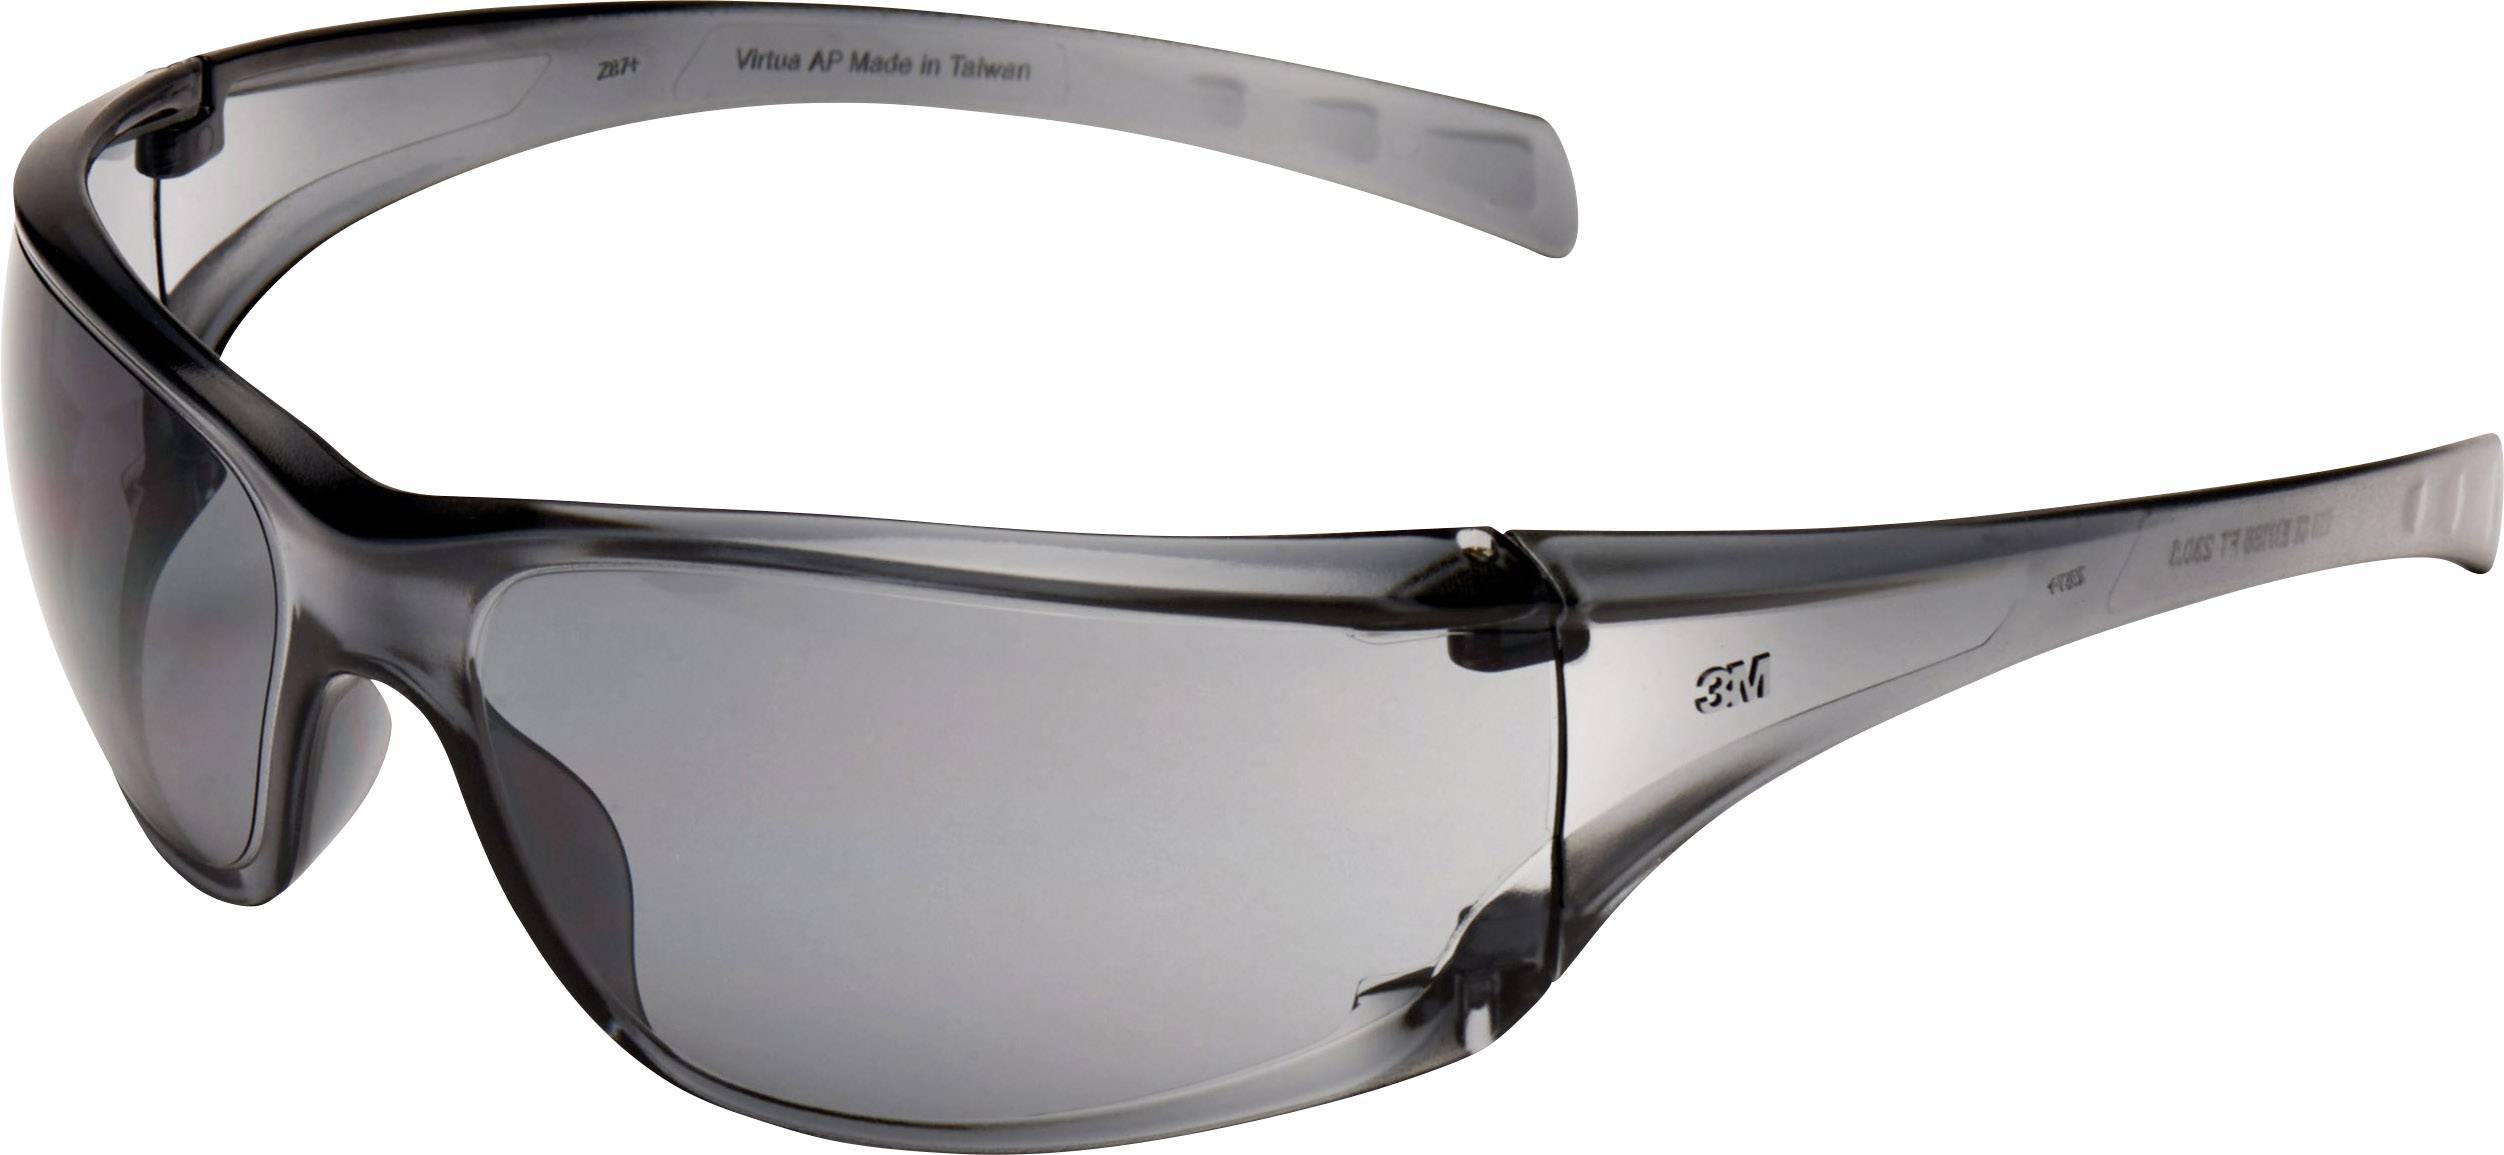 Ochranné okuliare 3M Virtua, sivé